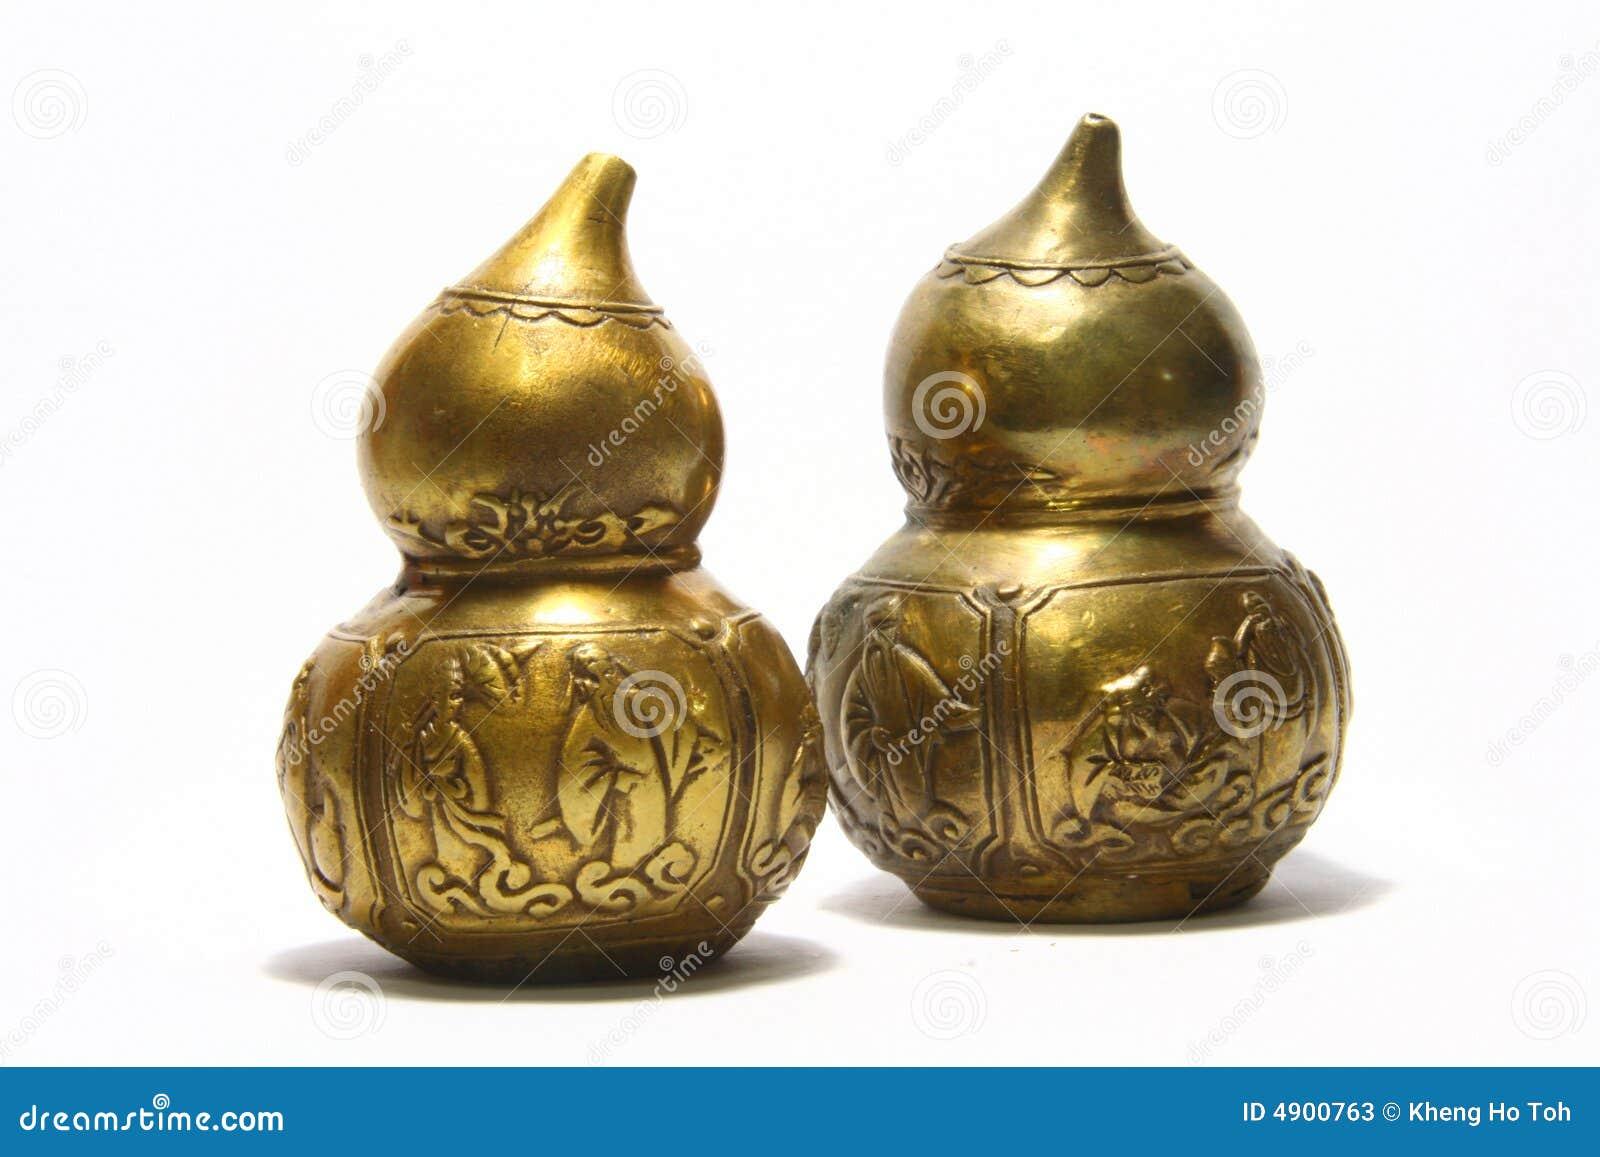 Resultado de imagen para botella de la abundancia feng shui